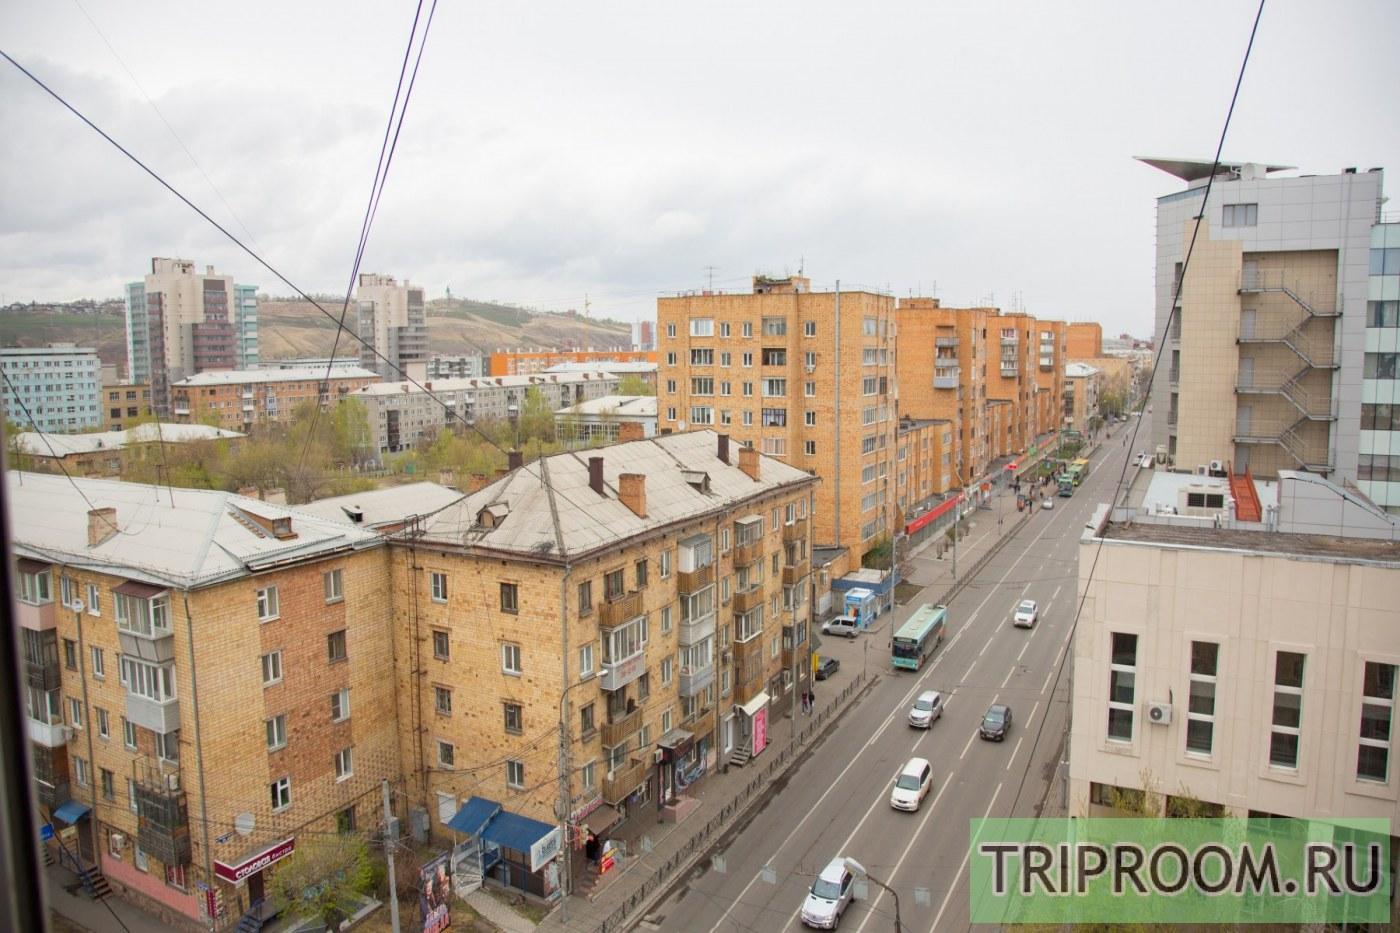 1-комнатная квартира посуточно (вариант № 37503), ул. Ленина улица, фото № 16